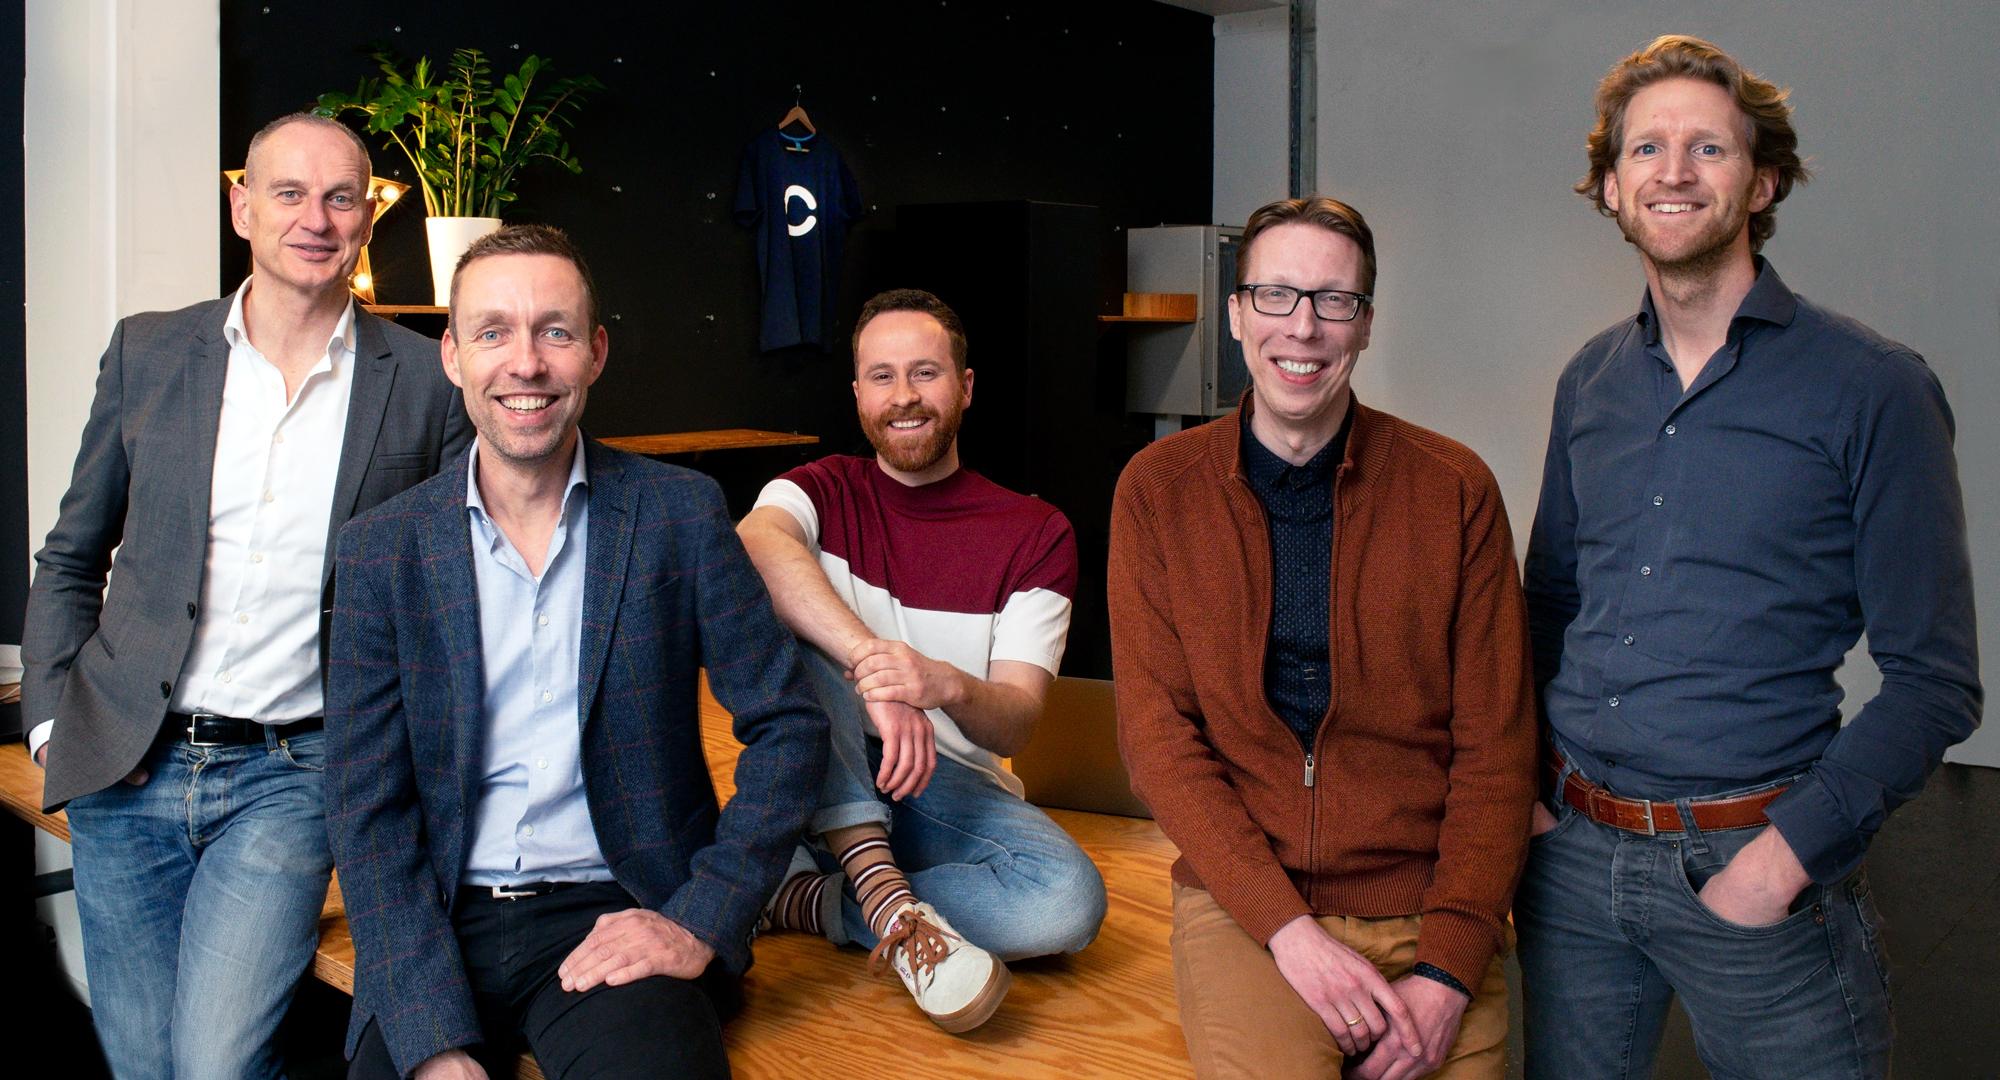 Nieuwe Nederlandse start-up Close verbindt eventbranche en bezoekers via mobiel marketing platform